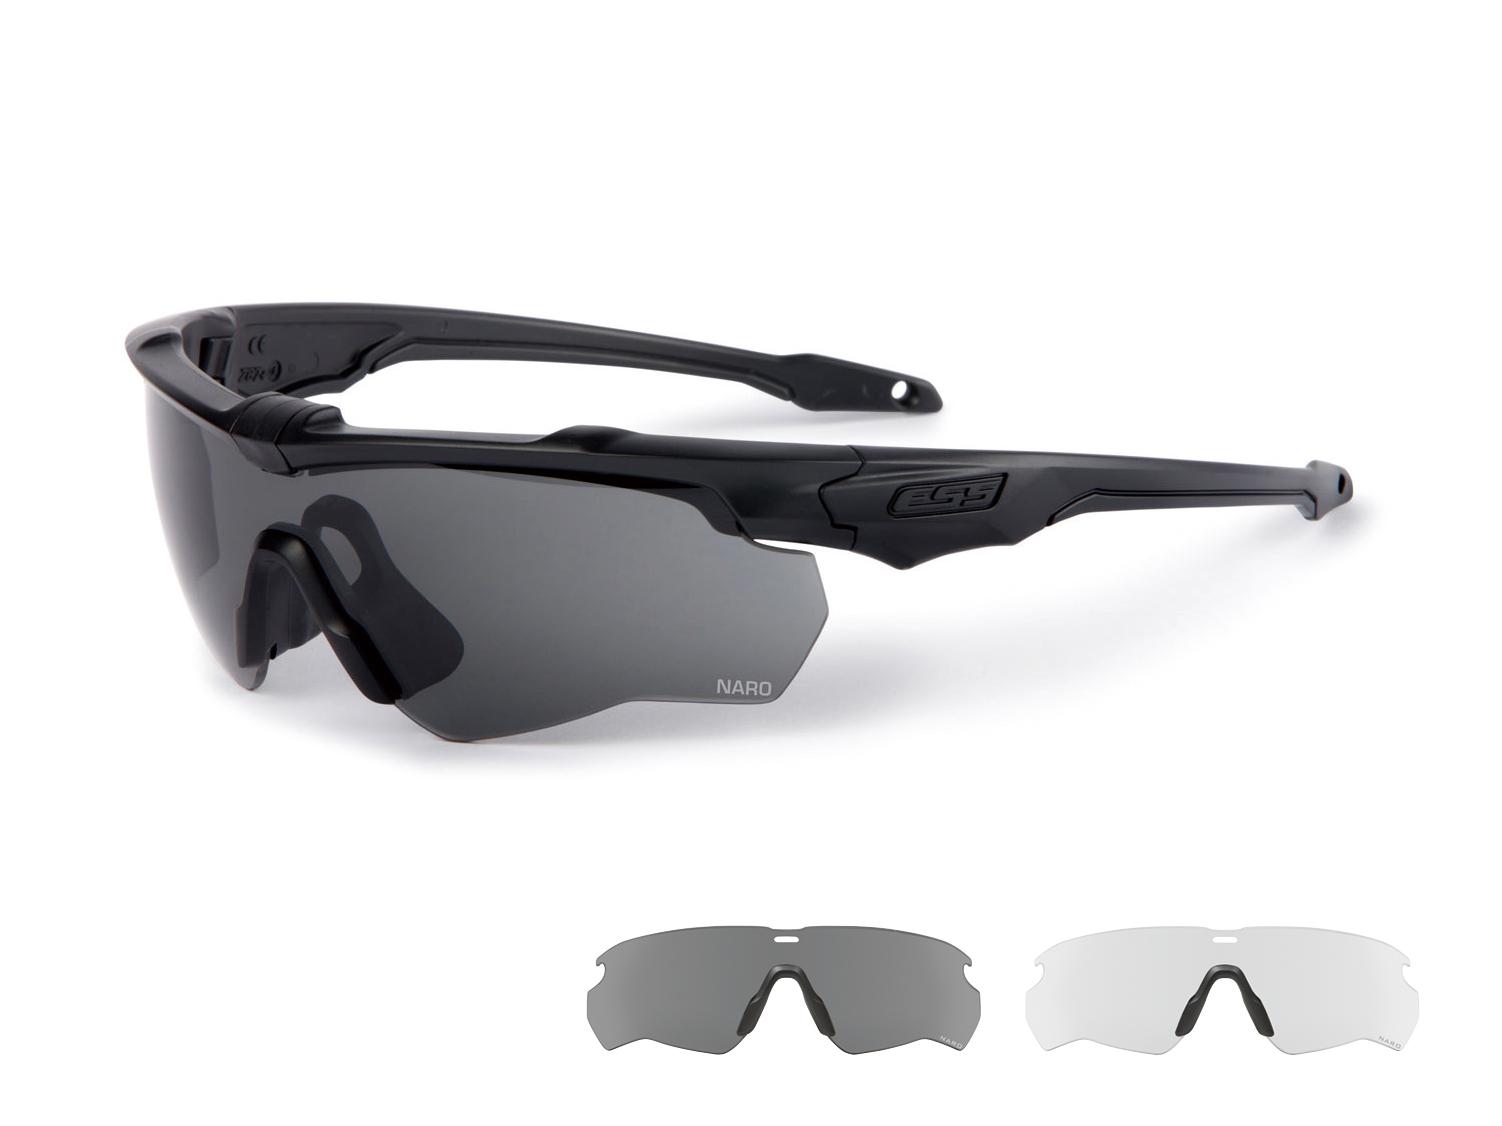 EE9034-01フレーム:ブラック レンズ:クリアー・スモークグレイ